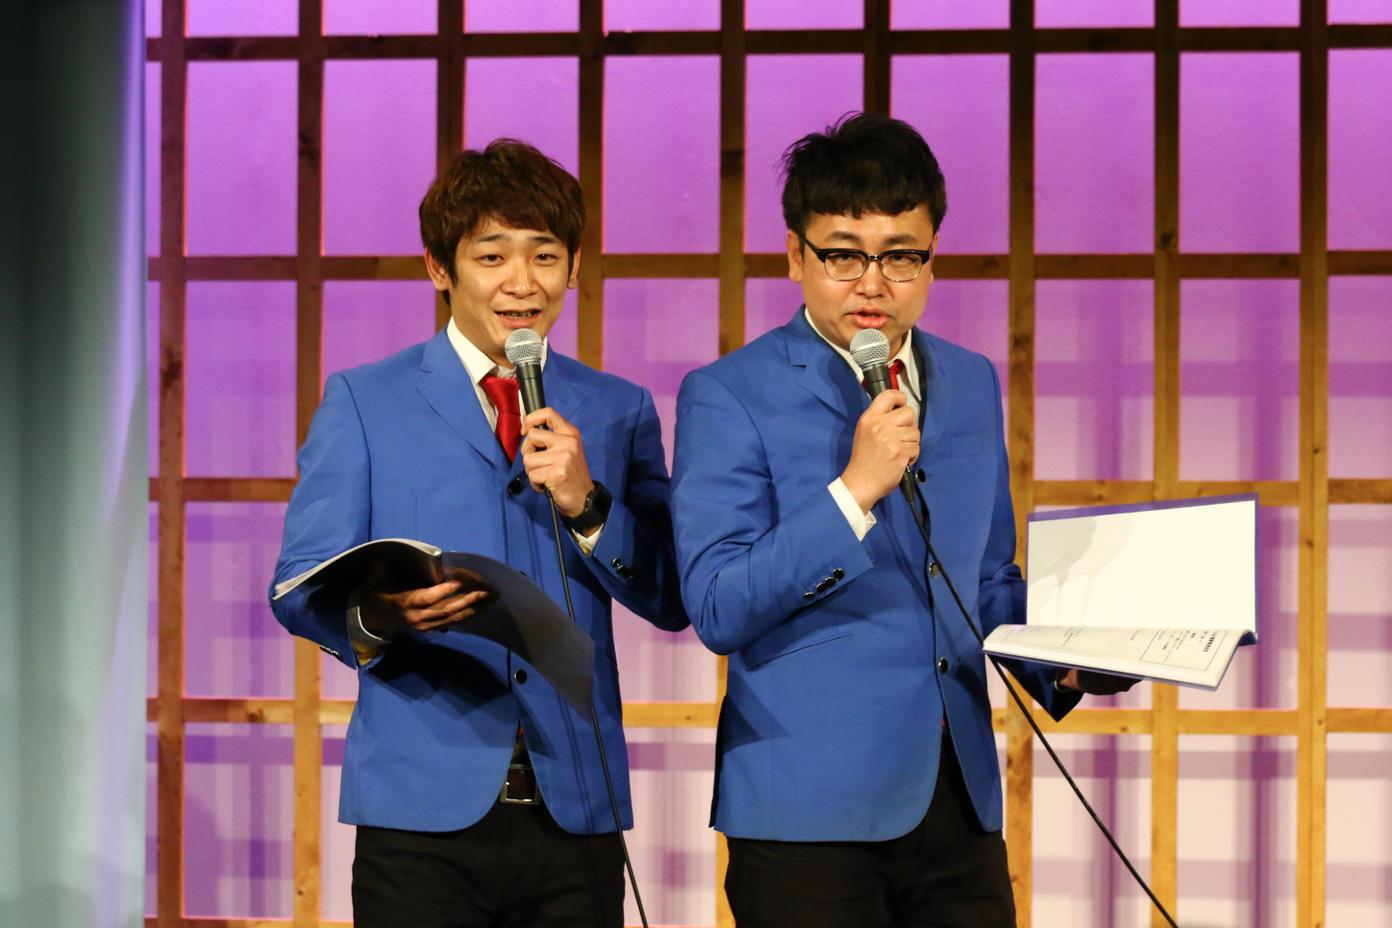 http://news.yoshimoto.co.jp/20180329150125-088b7797a18f772d9776a901104eee2b4d09ddf5.jpg